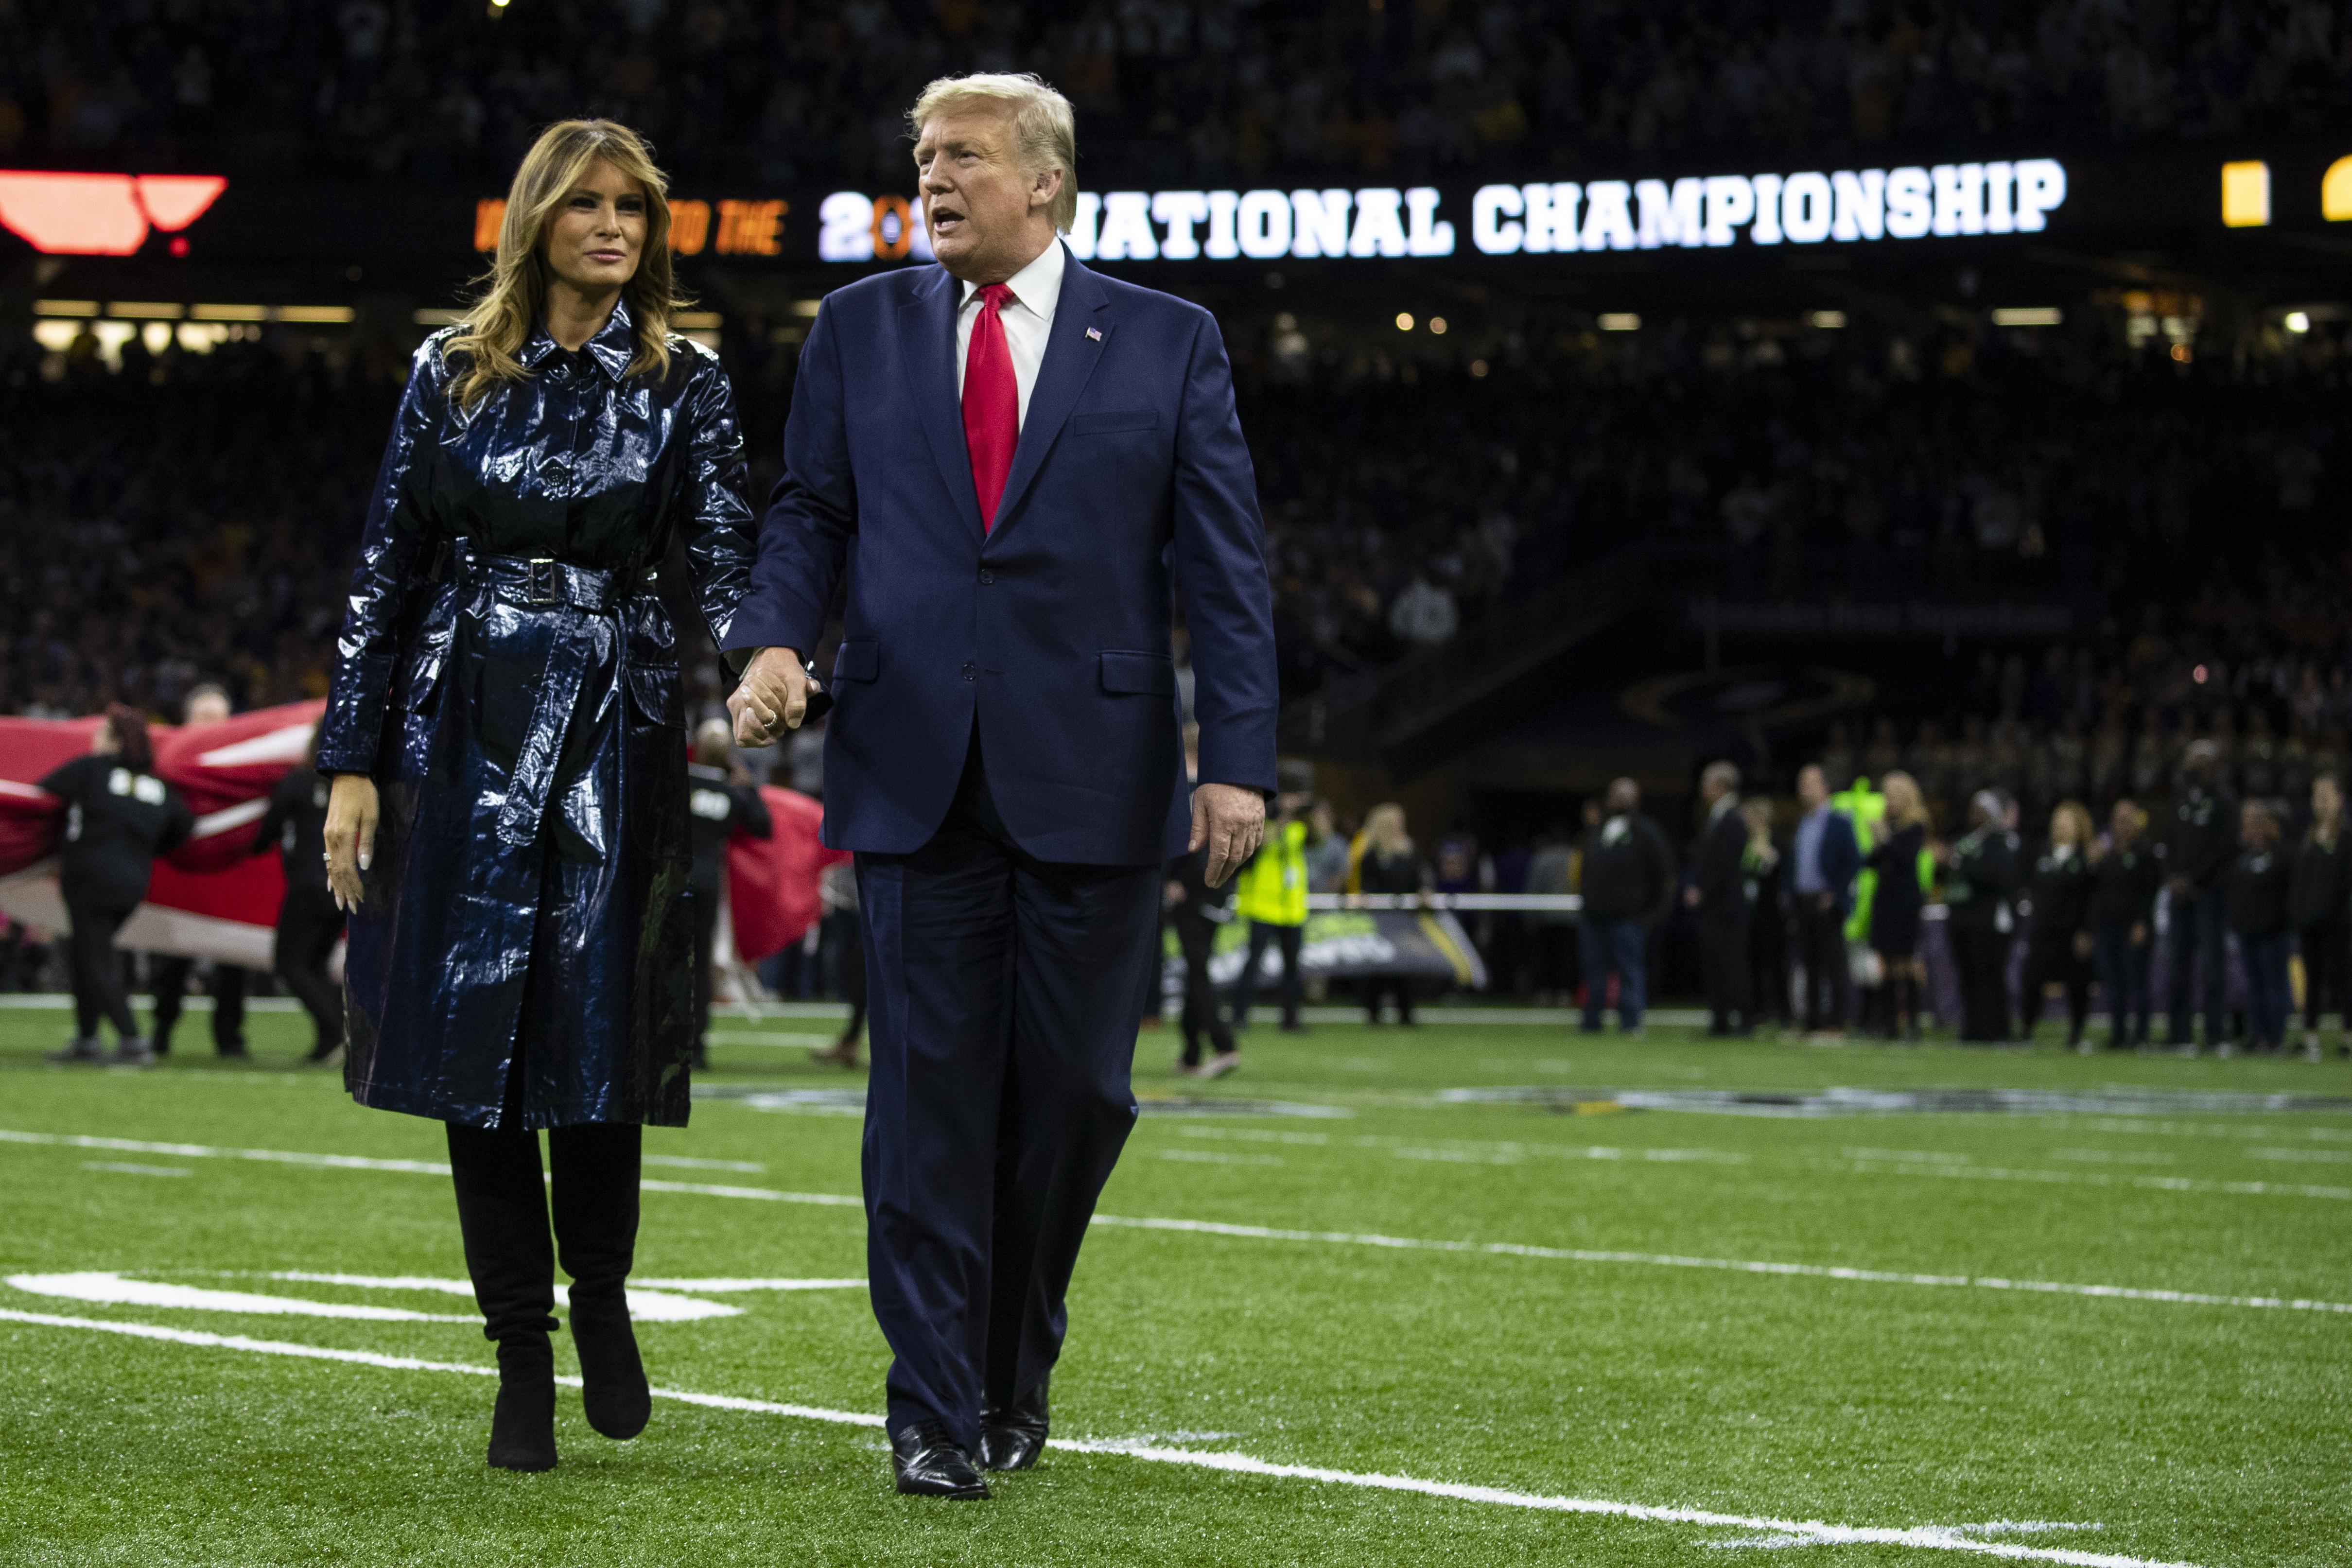 Donald Trump, Melania Trump cheered at National Championship game